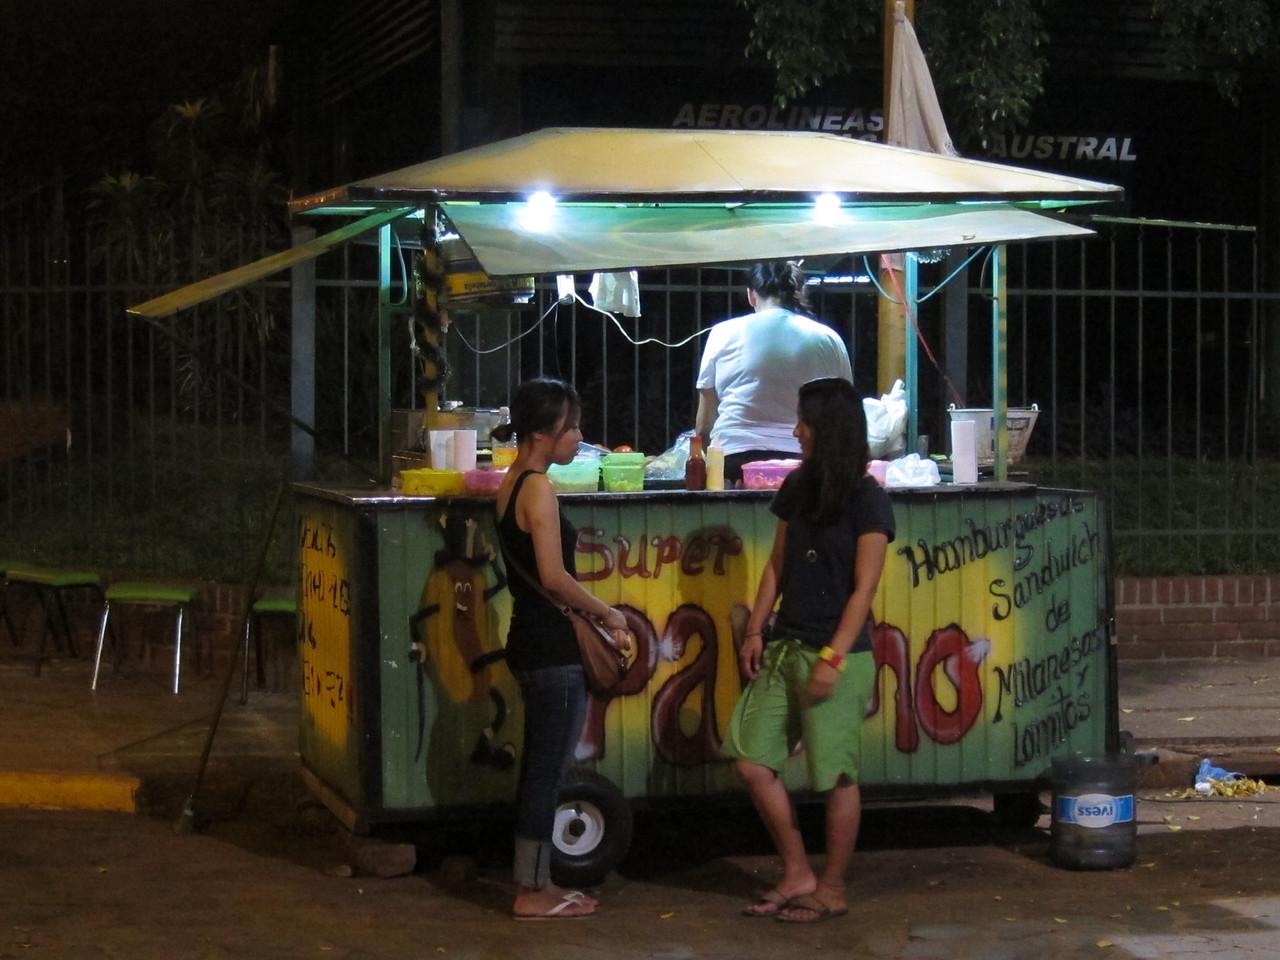 Snack cart in Puerto Iguazu, Argentina.  Nightlife!